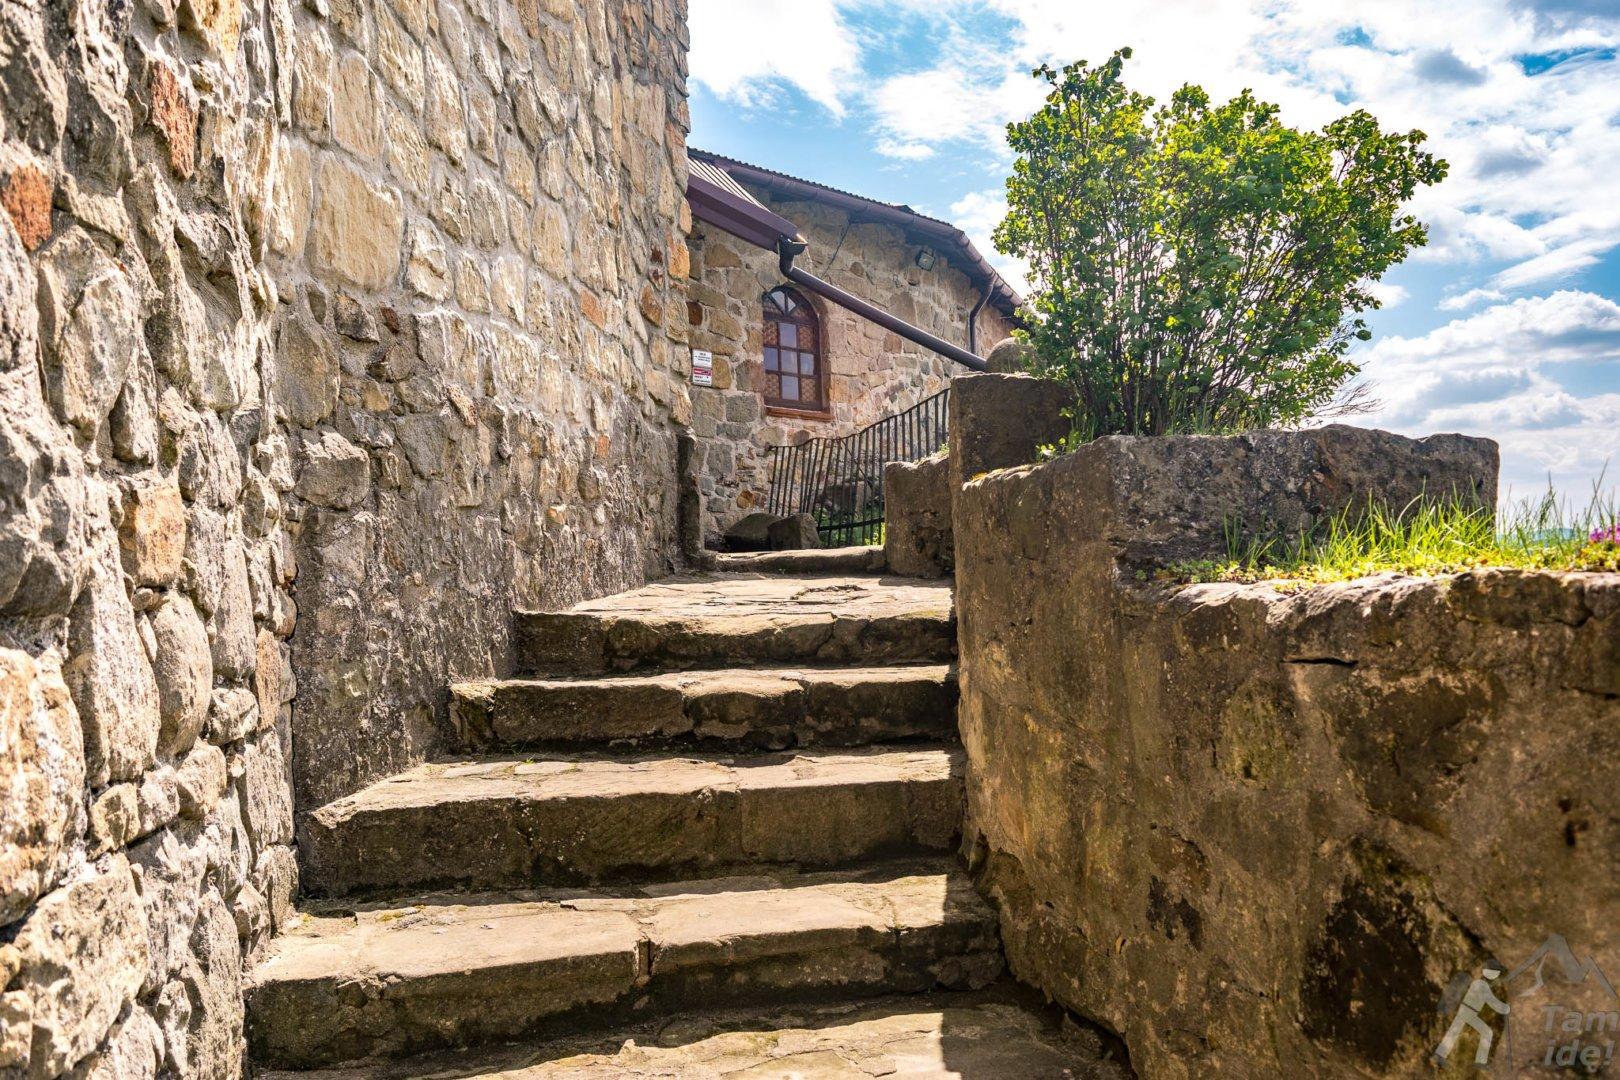 Zamek w Dobczycach dziedziniec